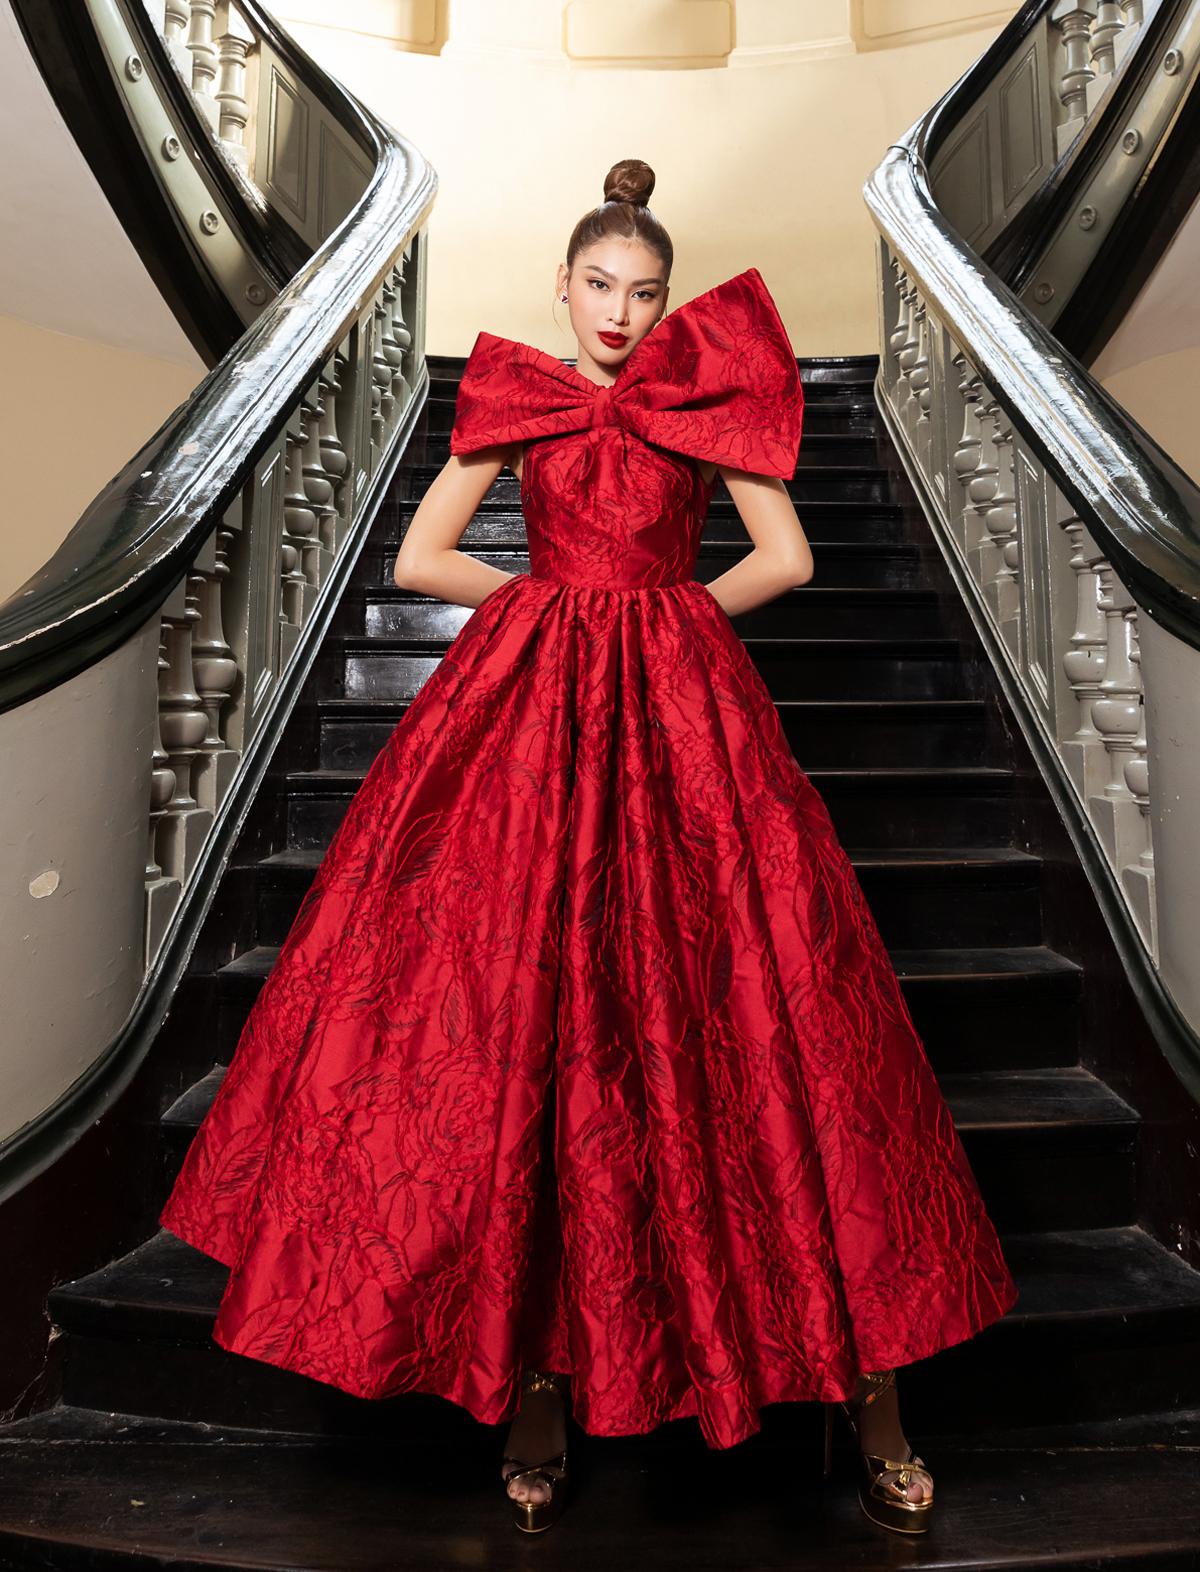 Đầm đỏ với tùng xoè được trang trí thêm nơ bướm to bản là trang phục của á hậu Ngọc Thảo.